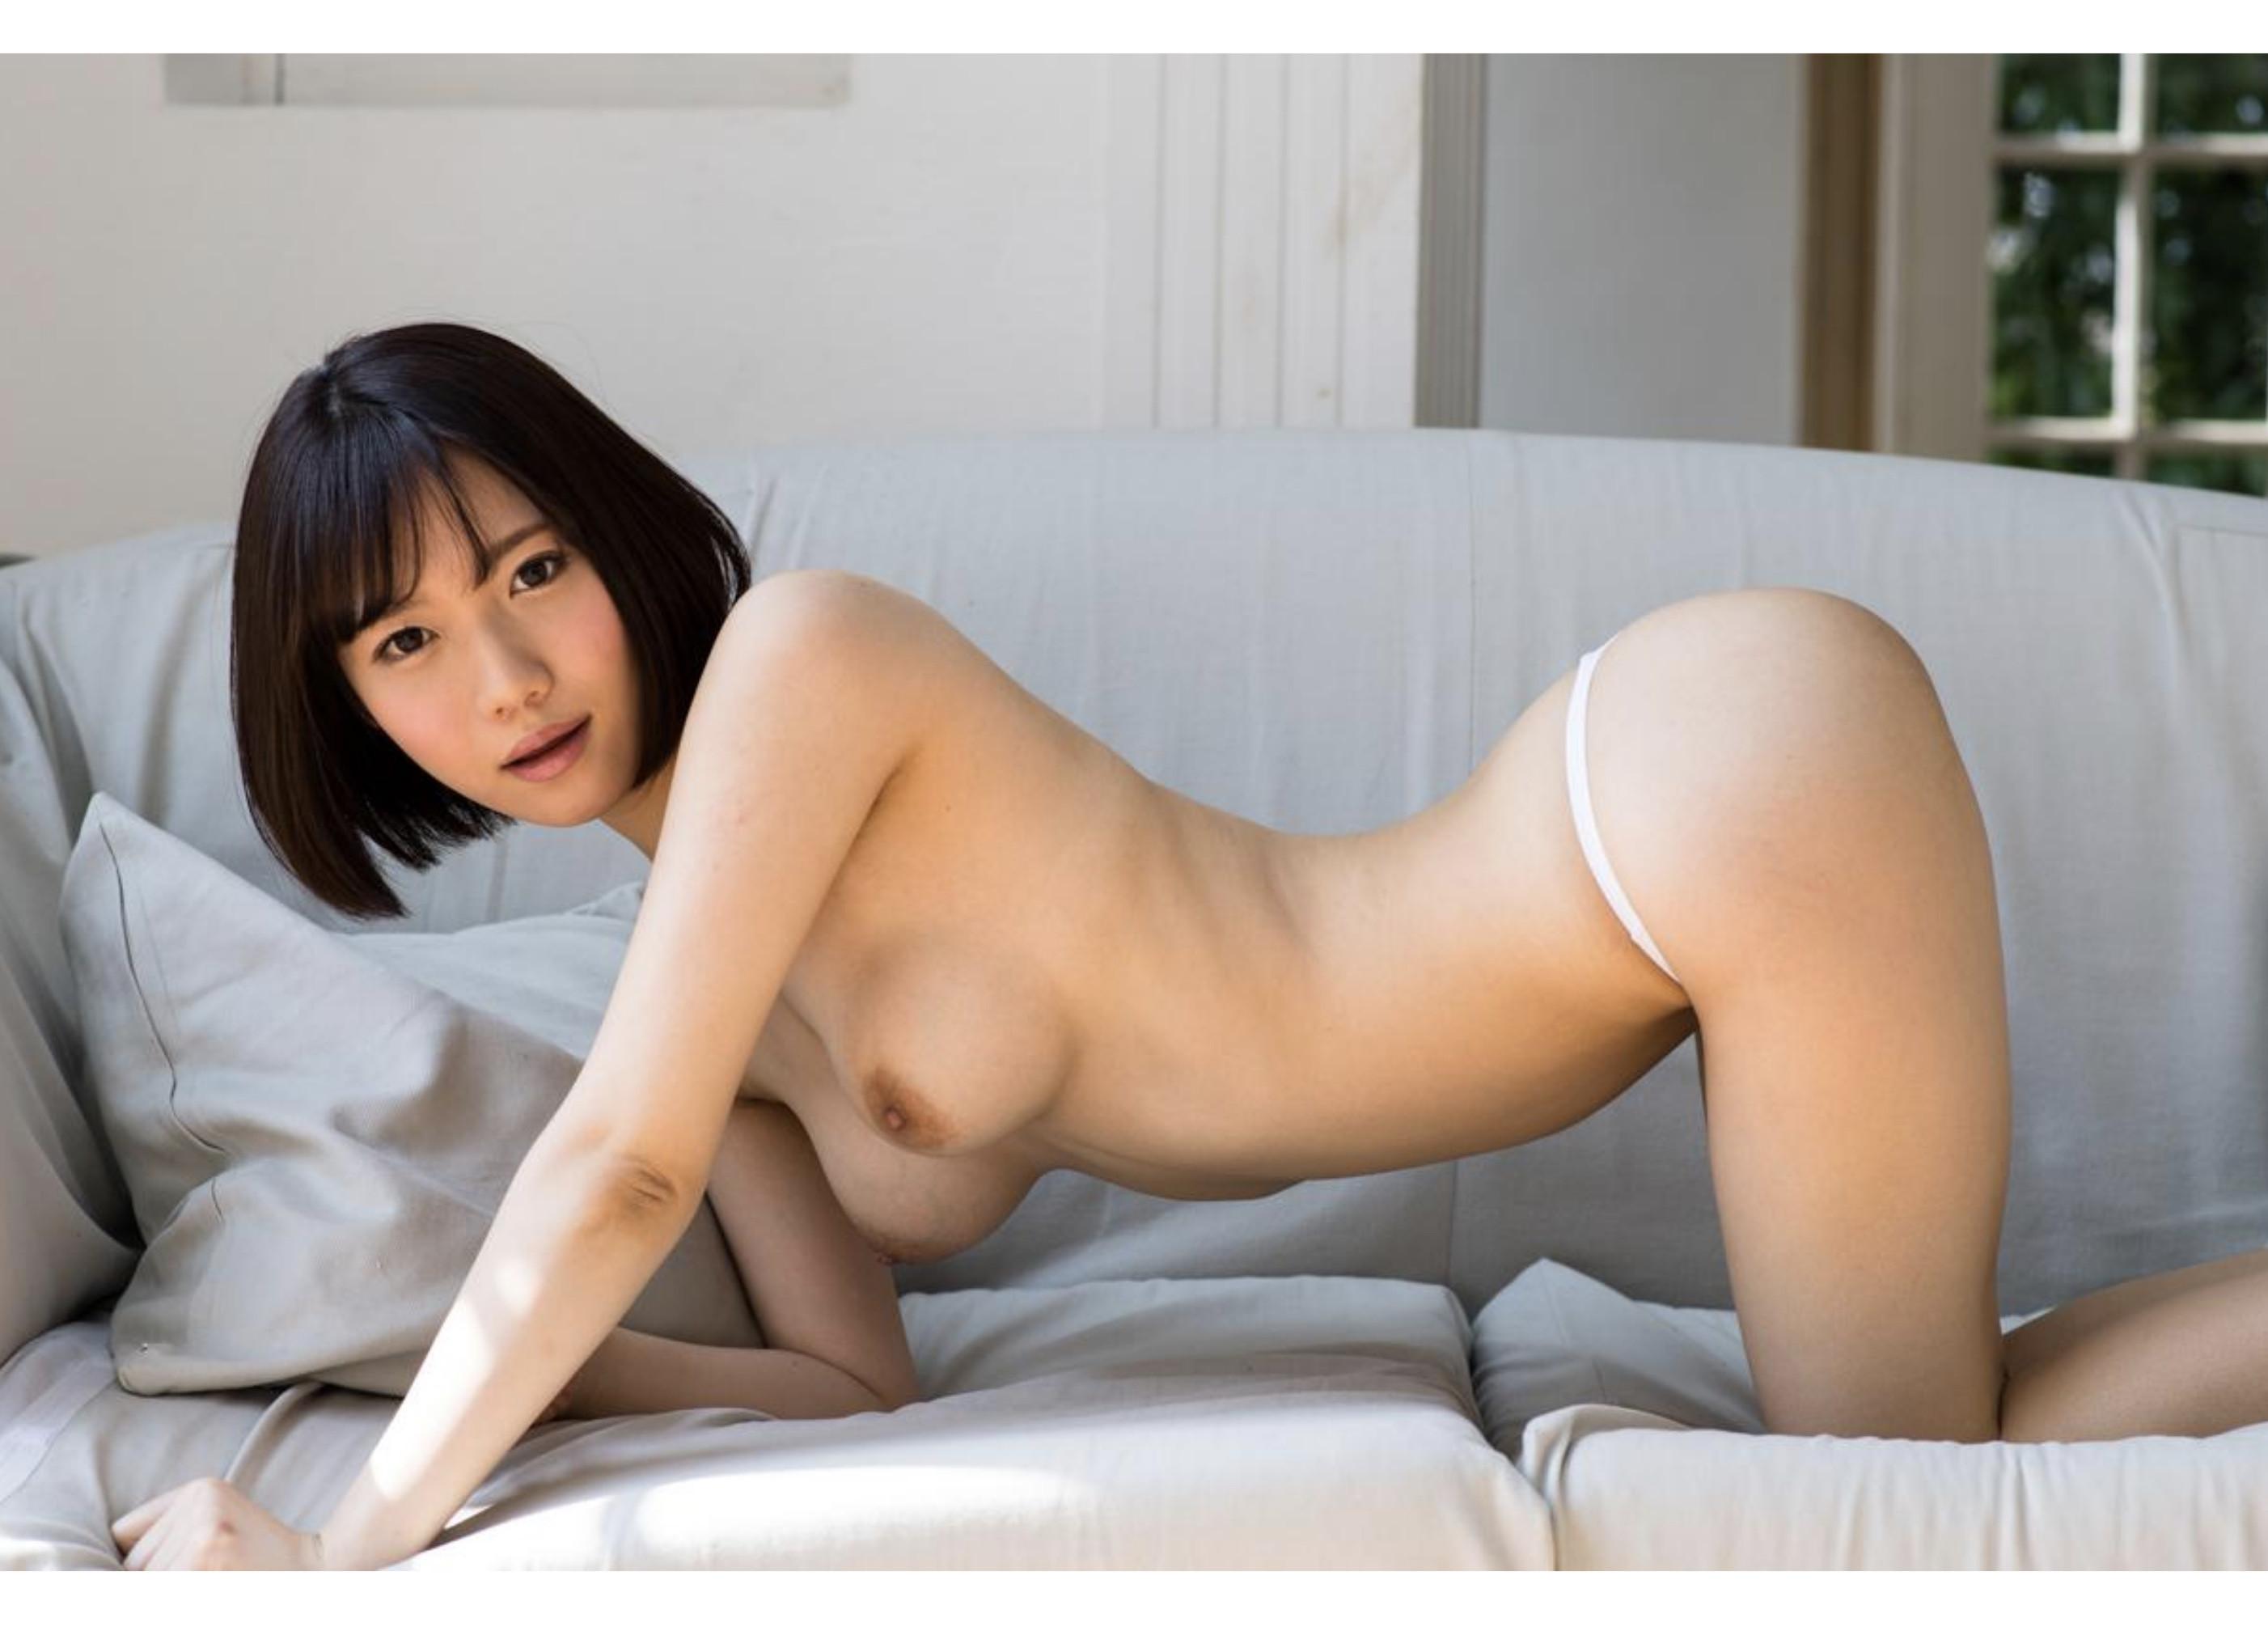 菊川みつ葉 写真集 Hetairai 068